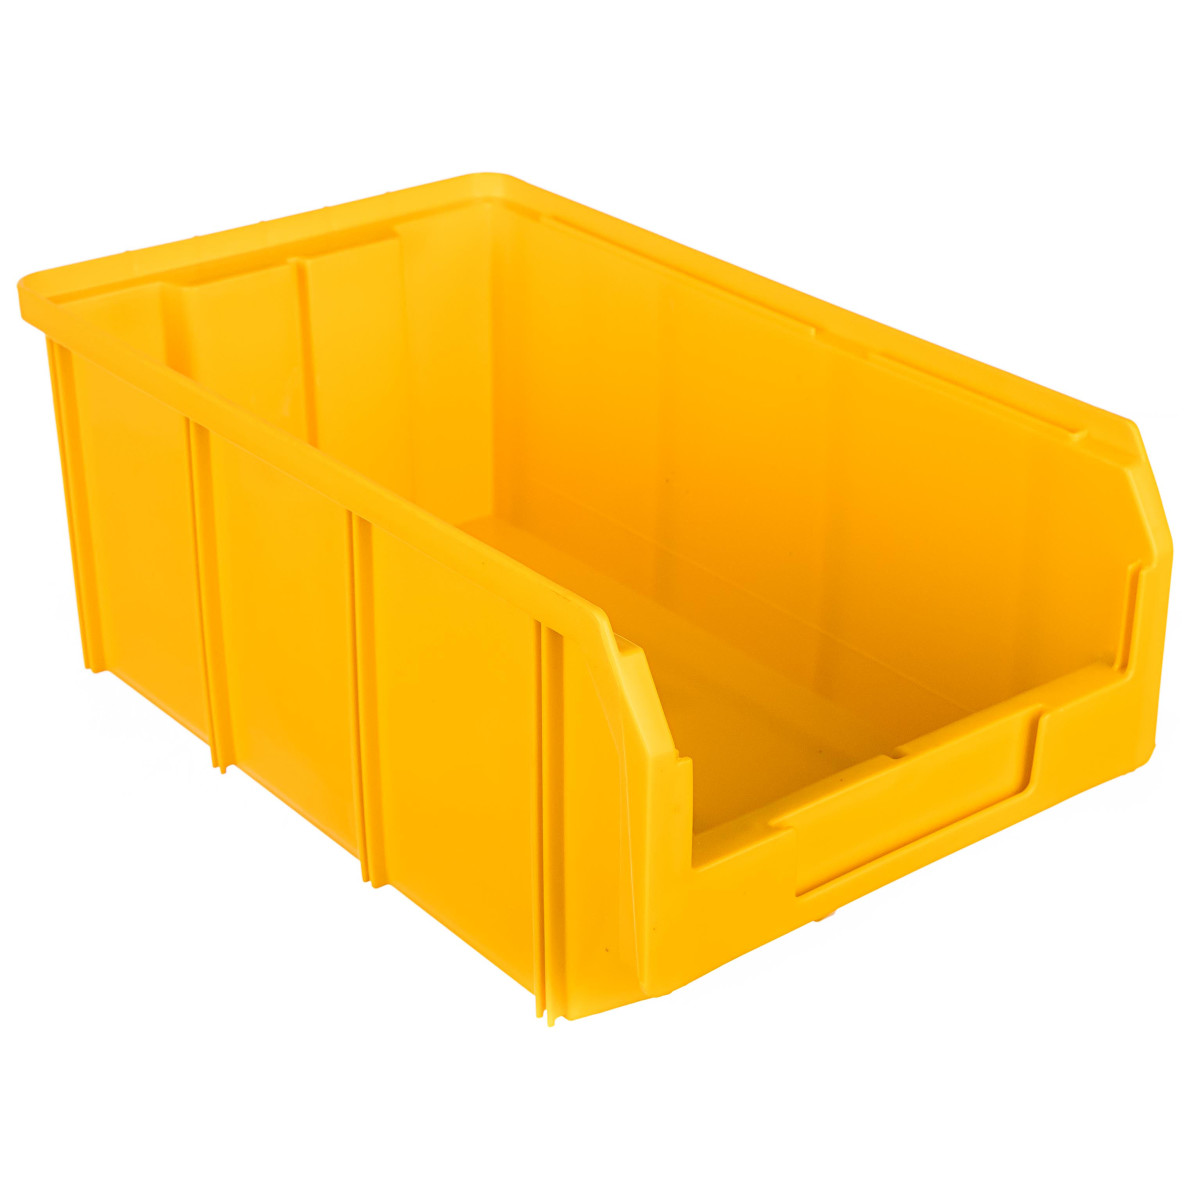 Пластиковый ящик Стелла-техник V-3 желтый 342 х 207 x 143мм 94литр